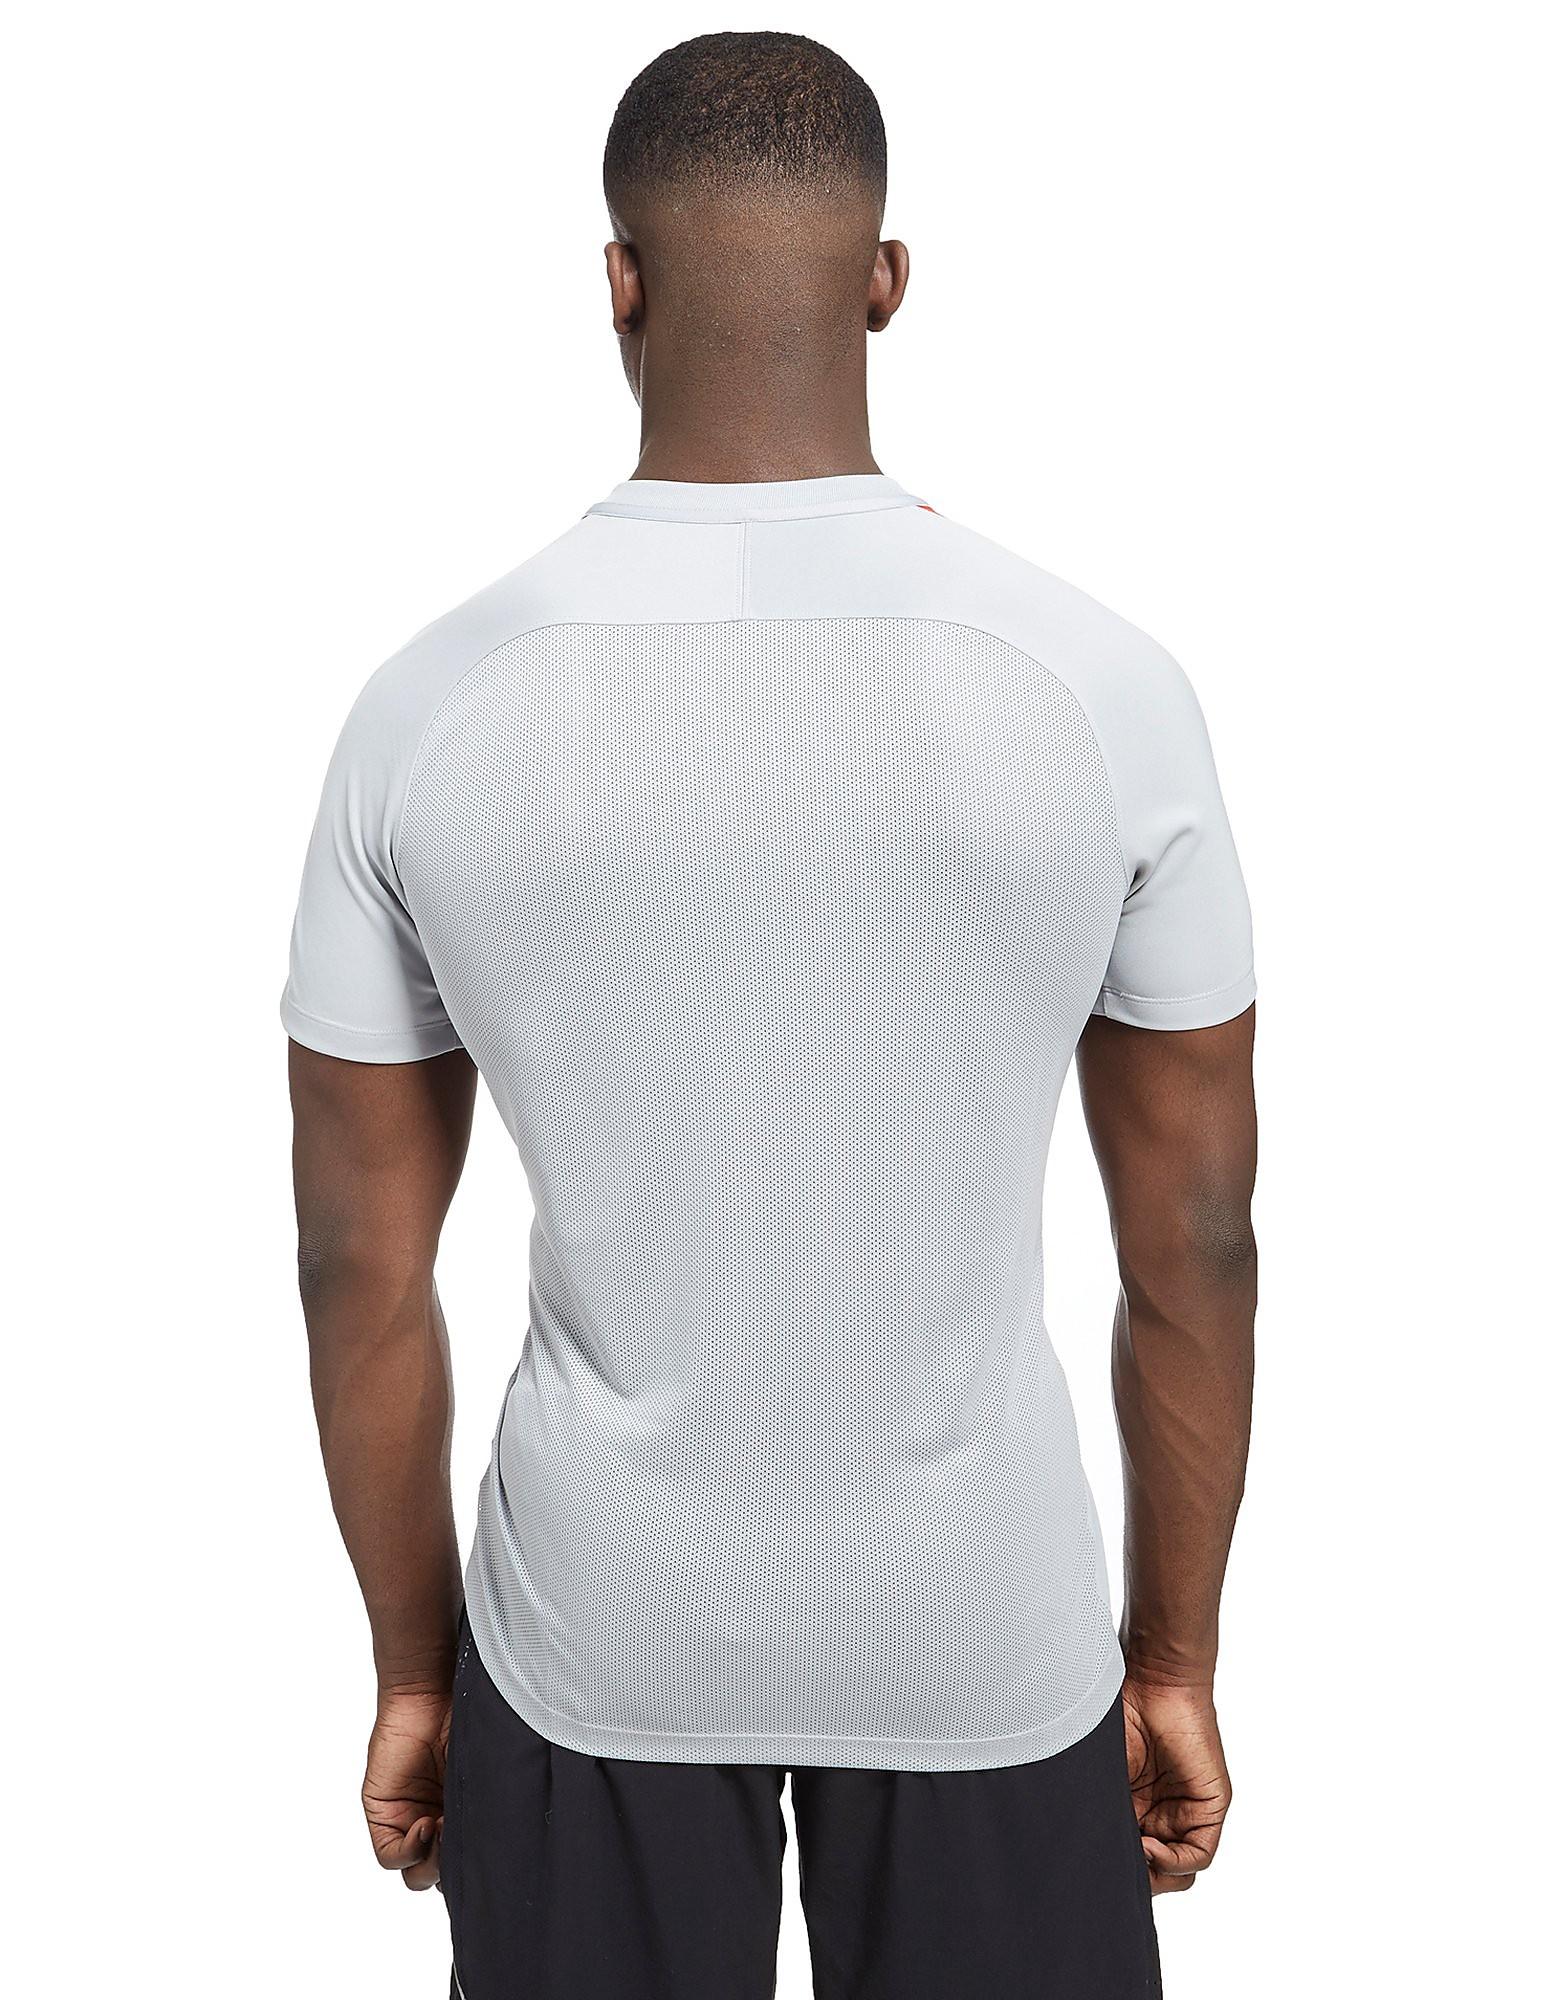 Nike Paris St Germain Training Shirt